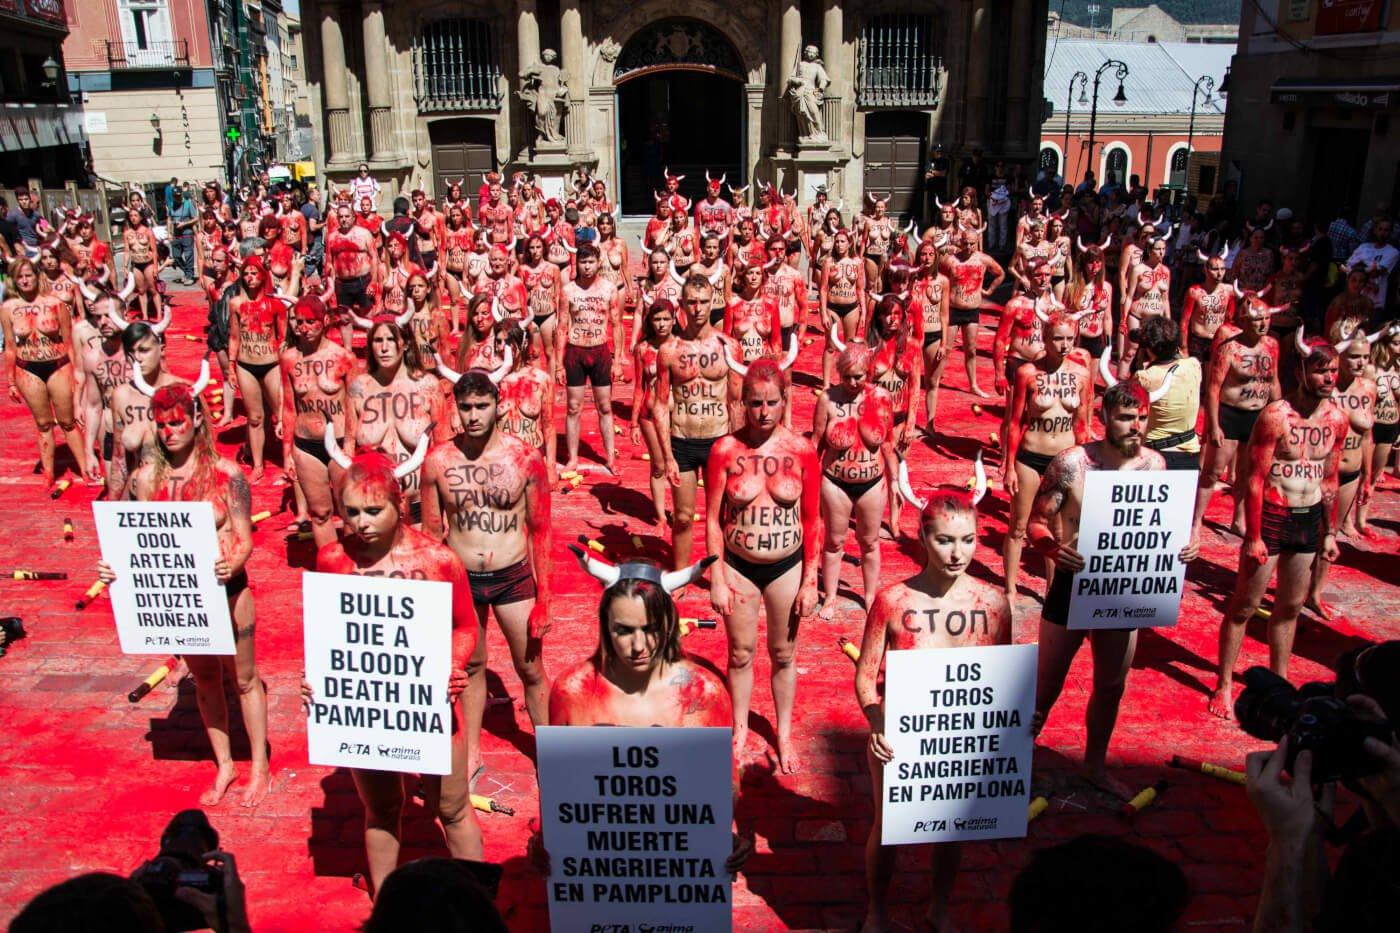 PETA-activisten vullen de lucht met 'bloed' om te protesteren tegen de marteling van stieren in Pamplona